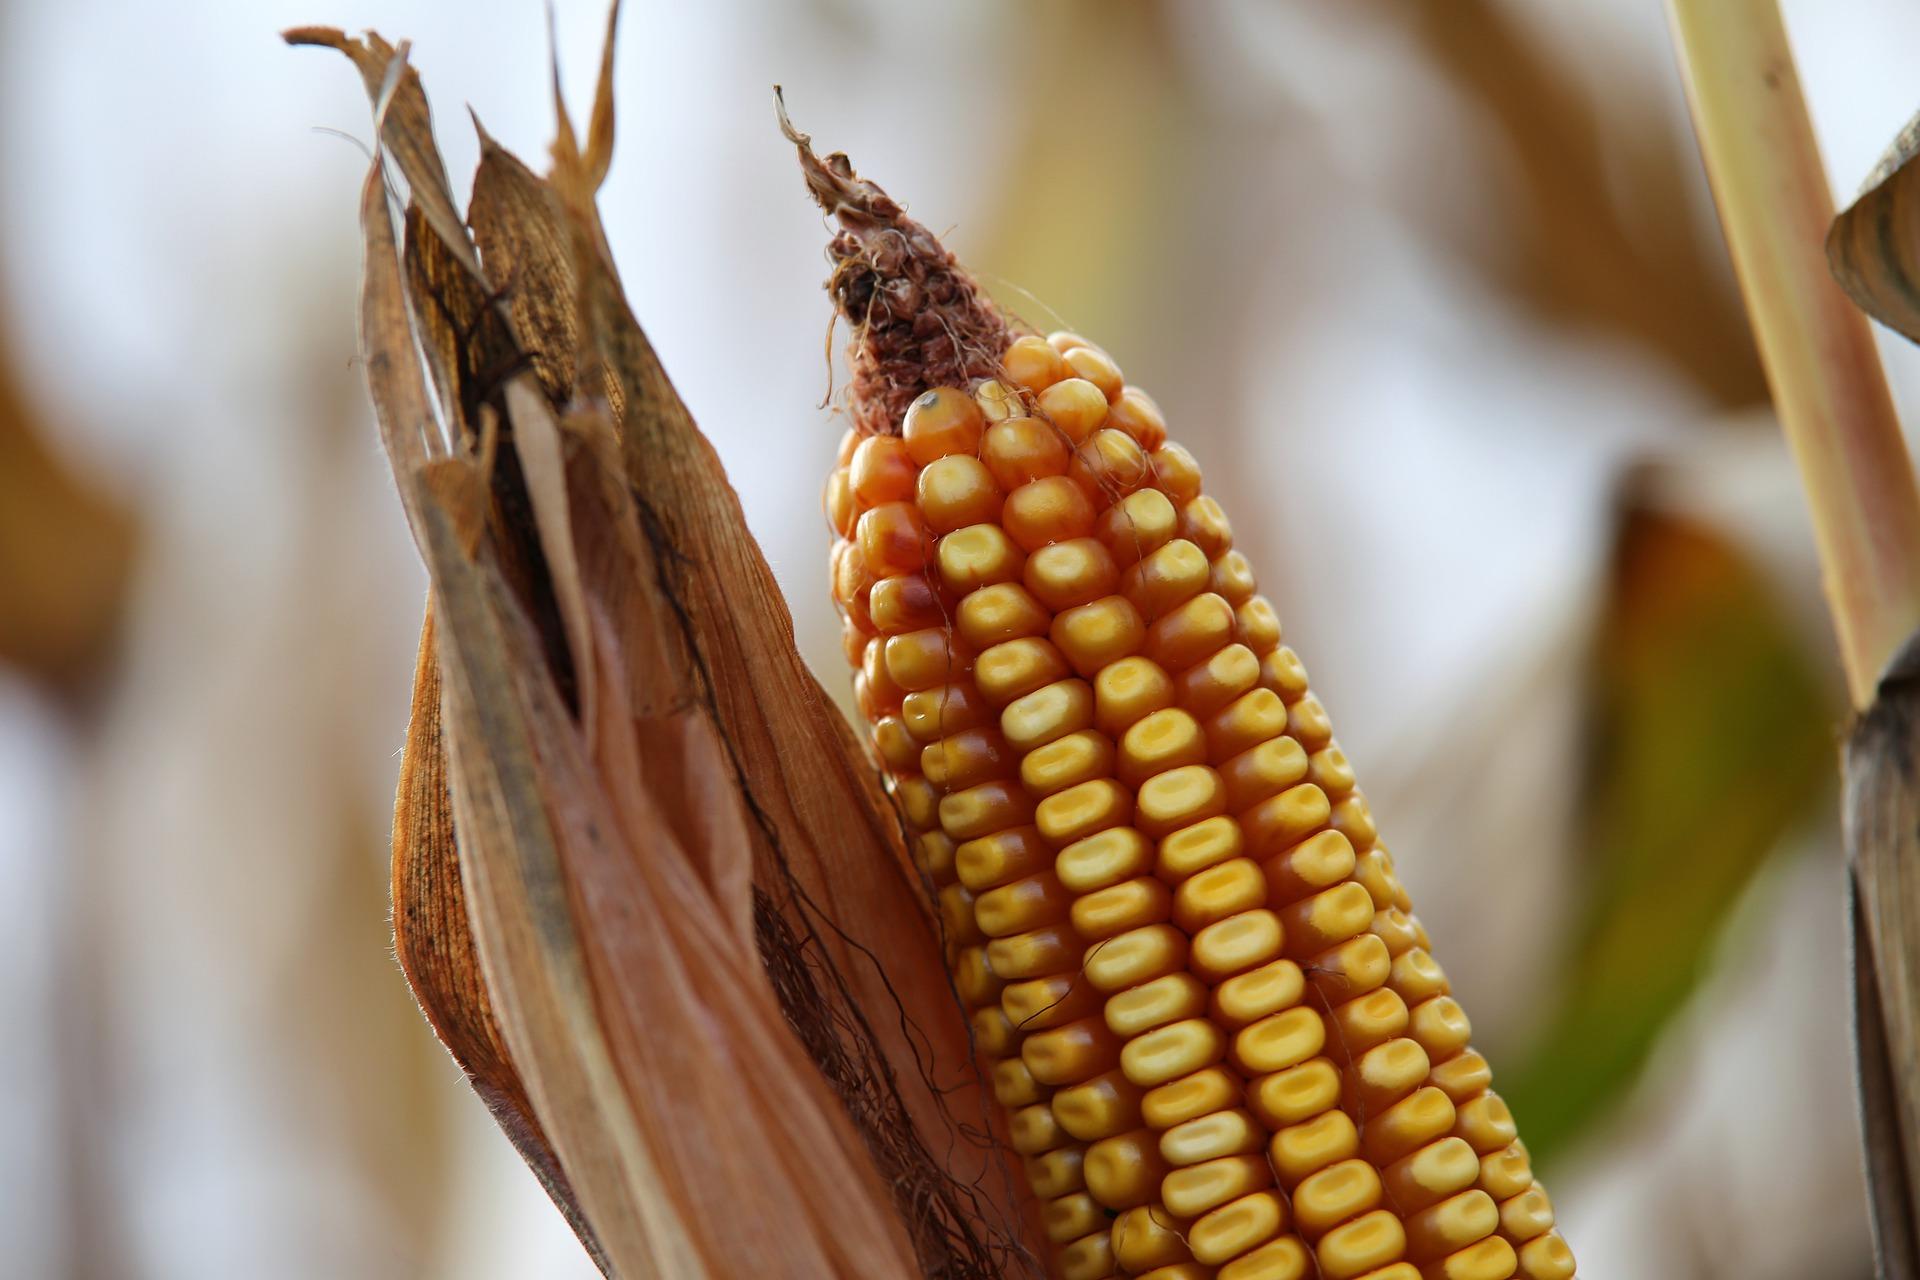 «Сингента» запатентувала спосіб виявлення та кількісного визначення фітопатогену кукурудзи